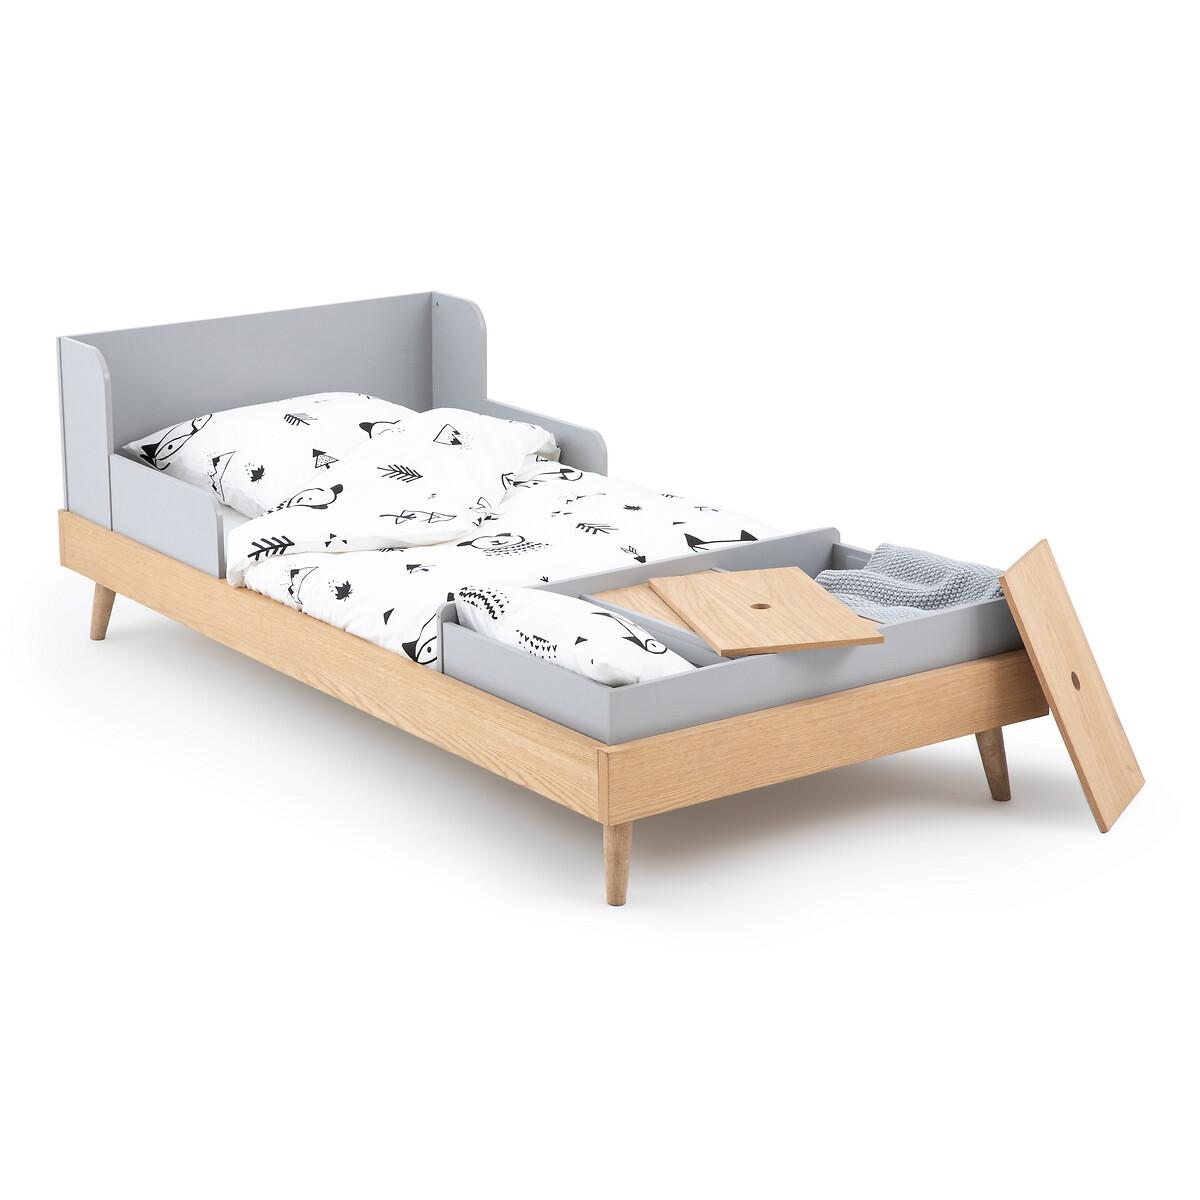 Кровать LaRedoute Раскладная детская Augusto 90 x 190 см серый кровать laredoute с ящиком отделениями для вещей и кроватным основанием yann 90 x 190 см белый